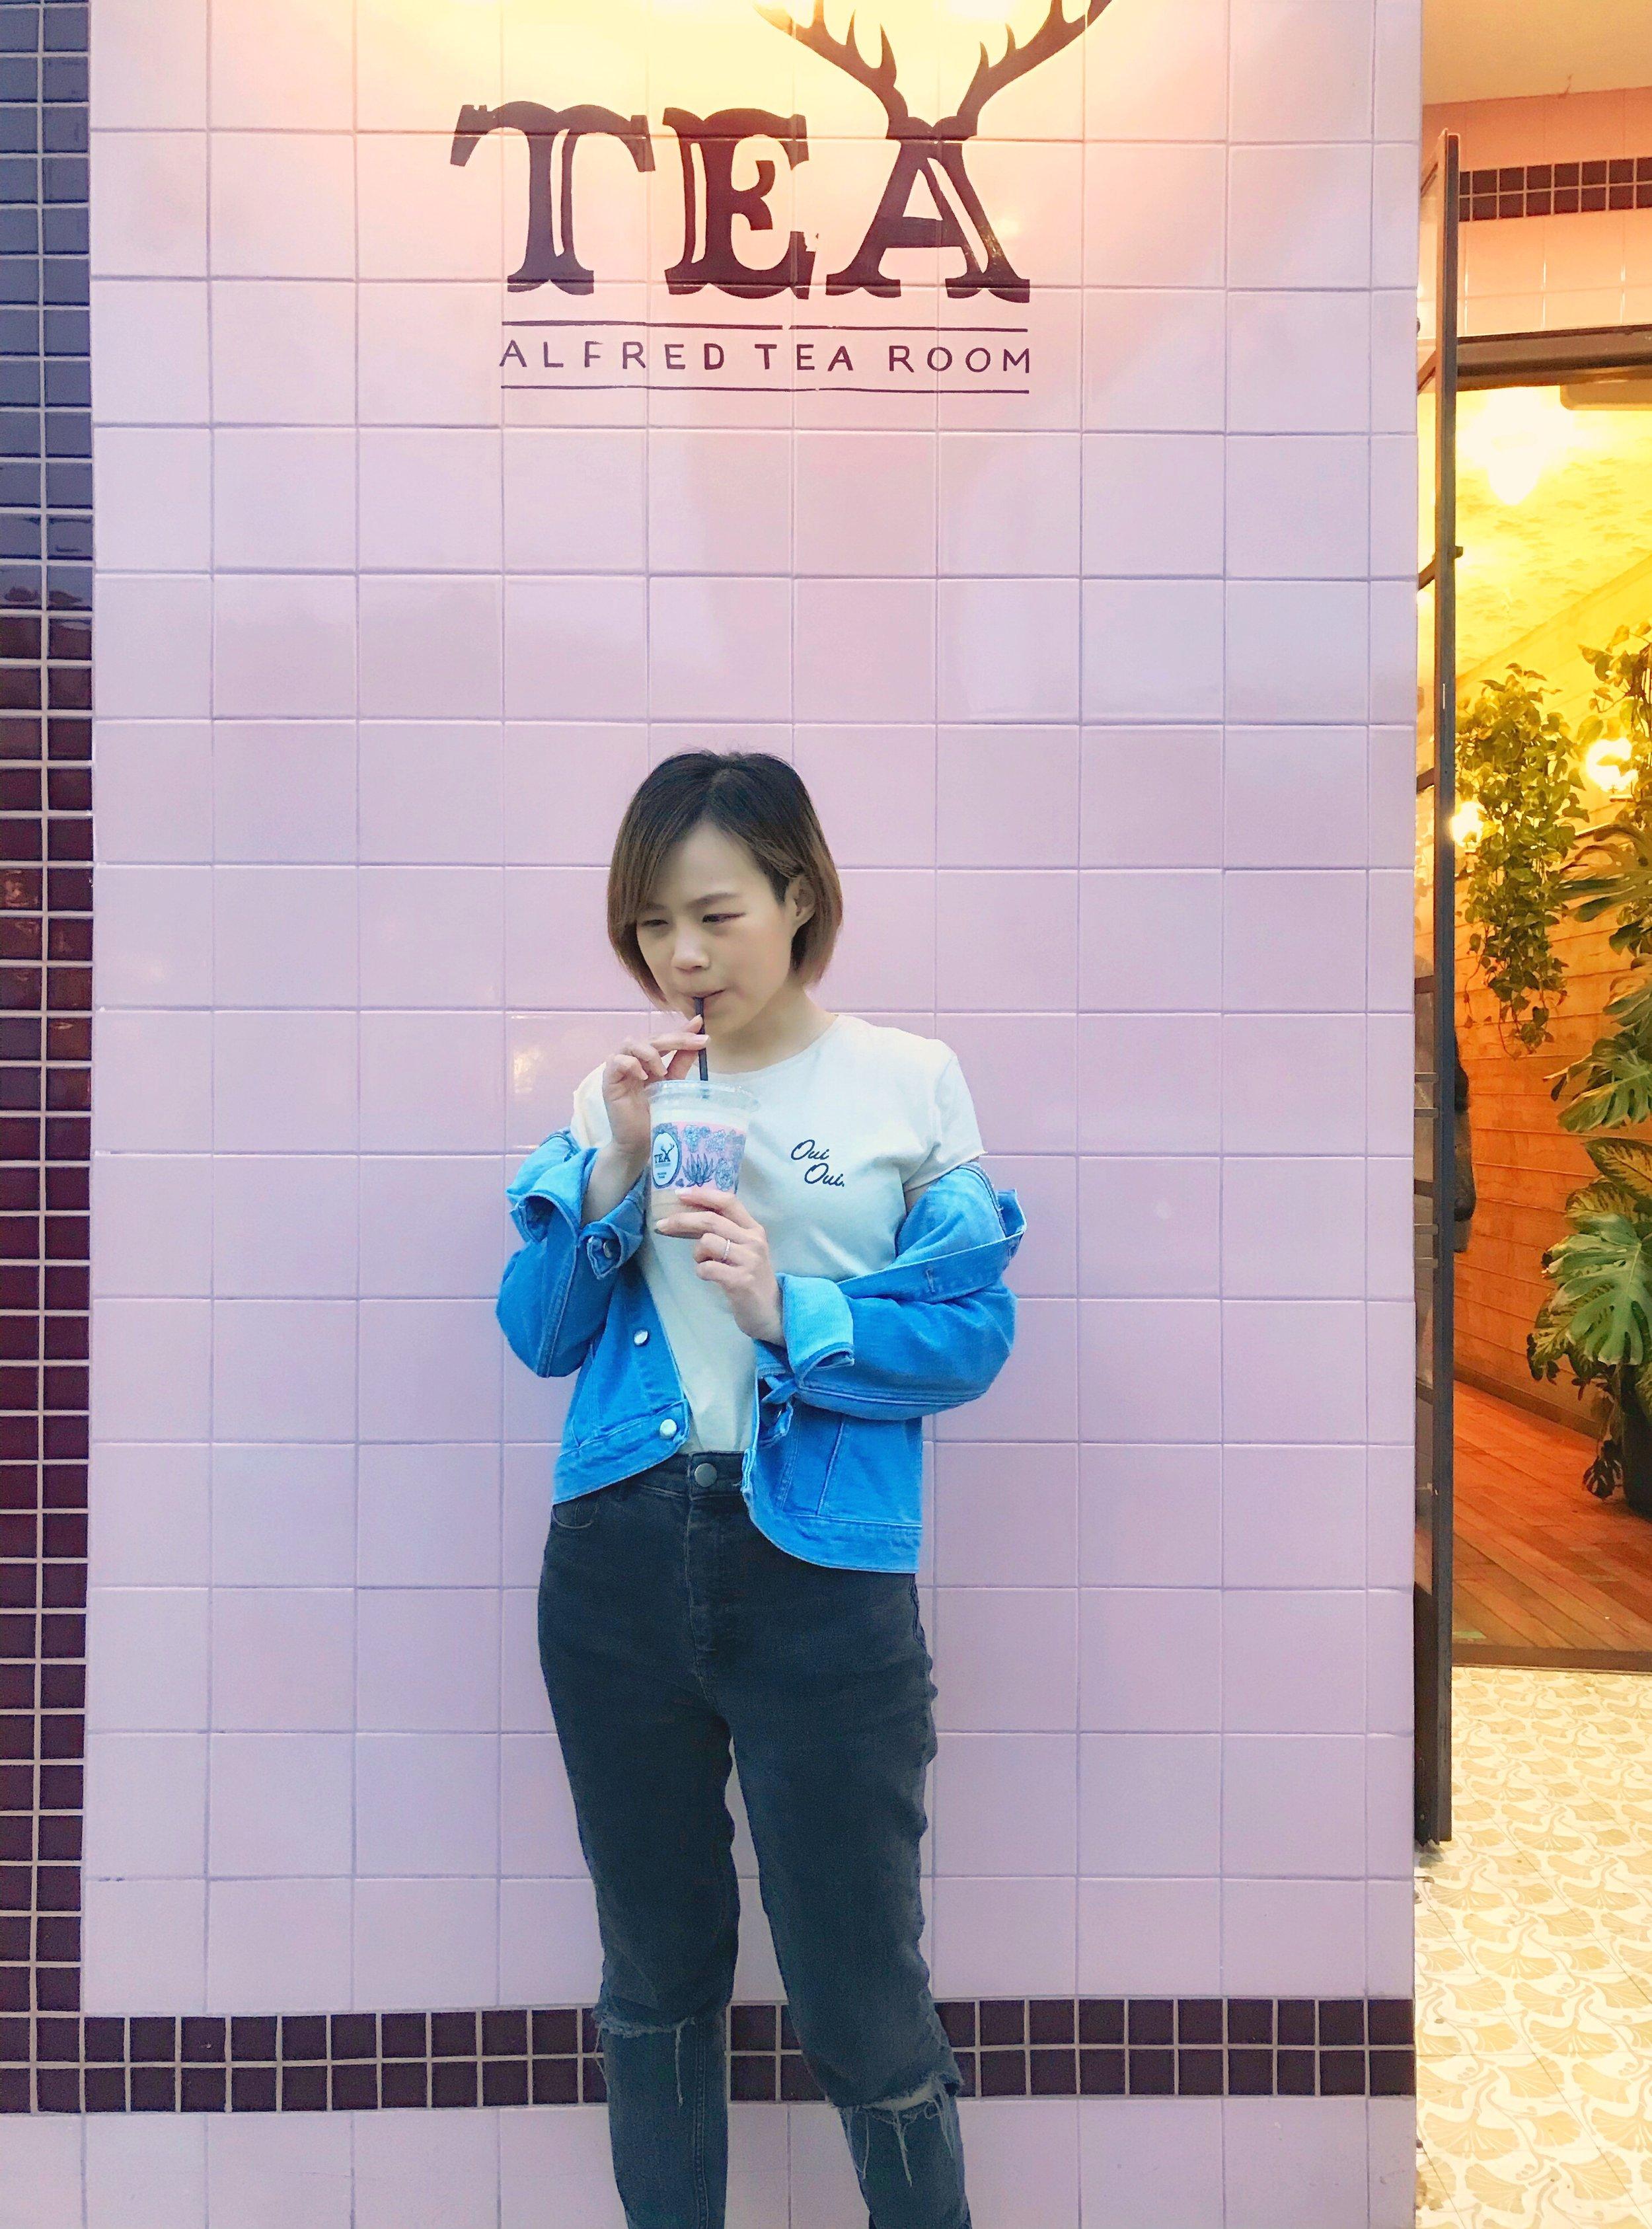 instagram worthy cafes in los angeles alfred tea room